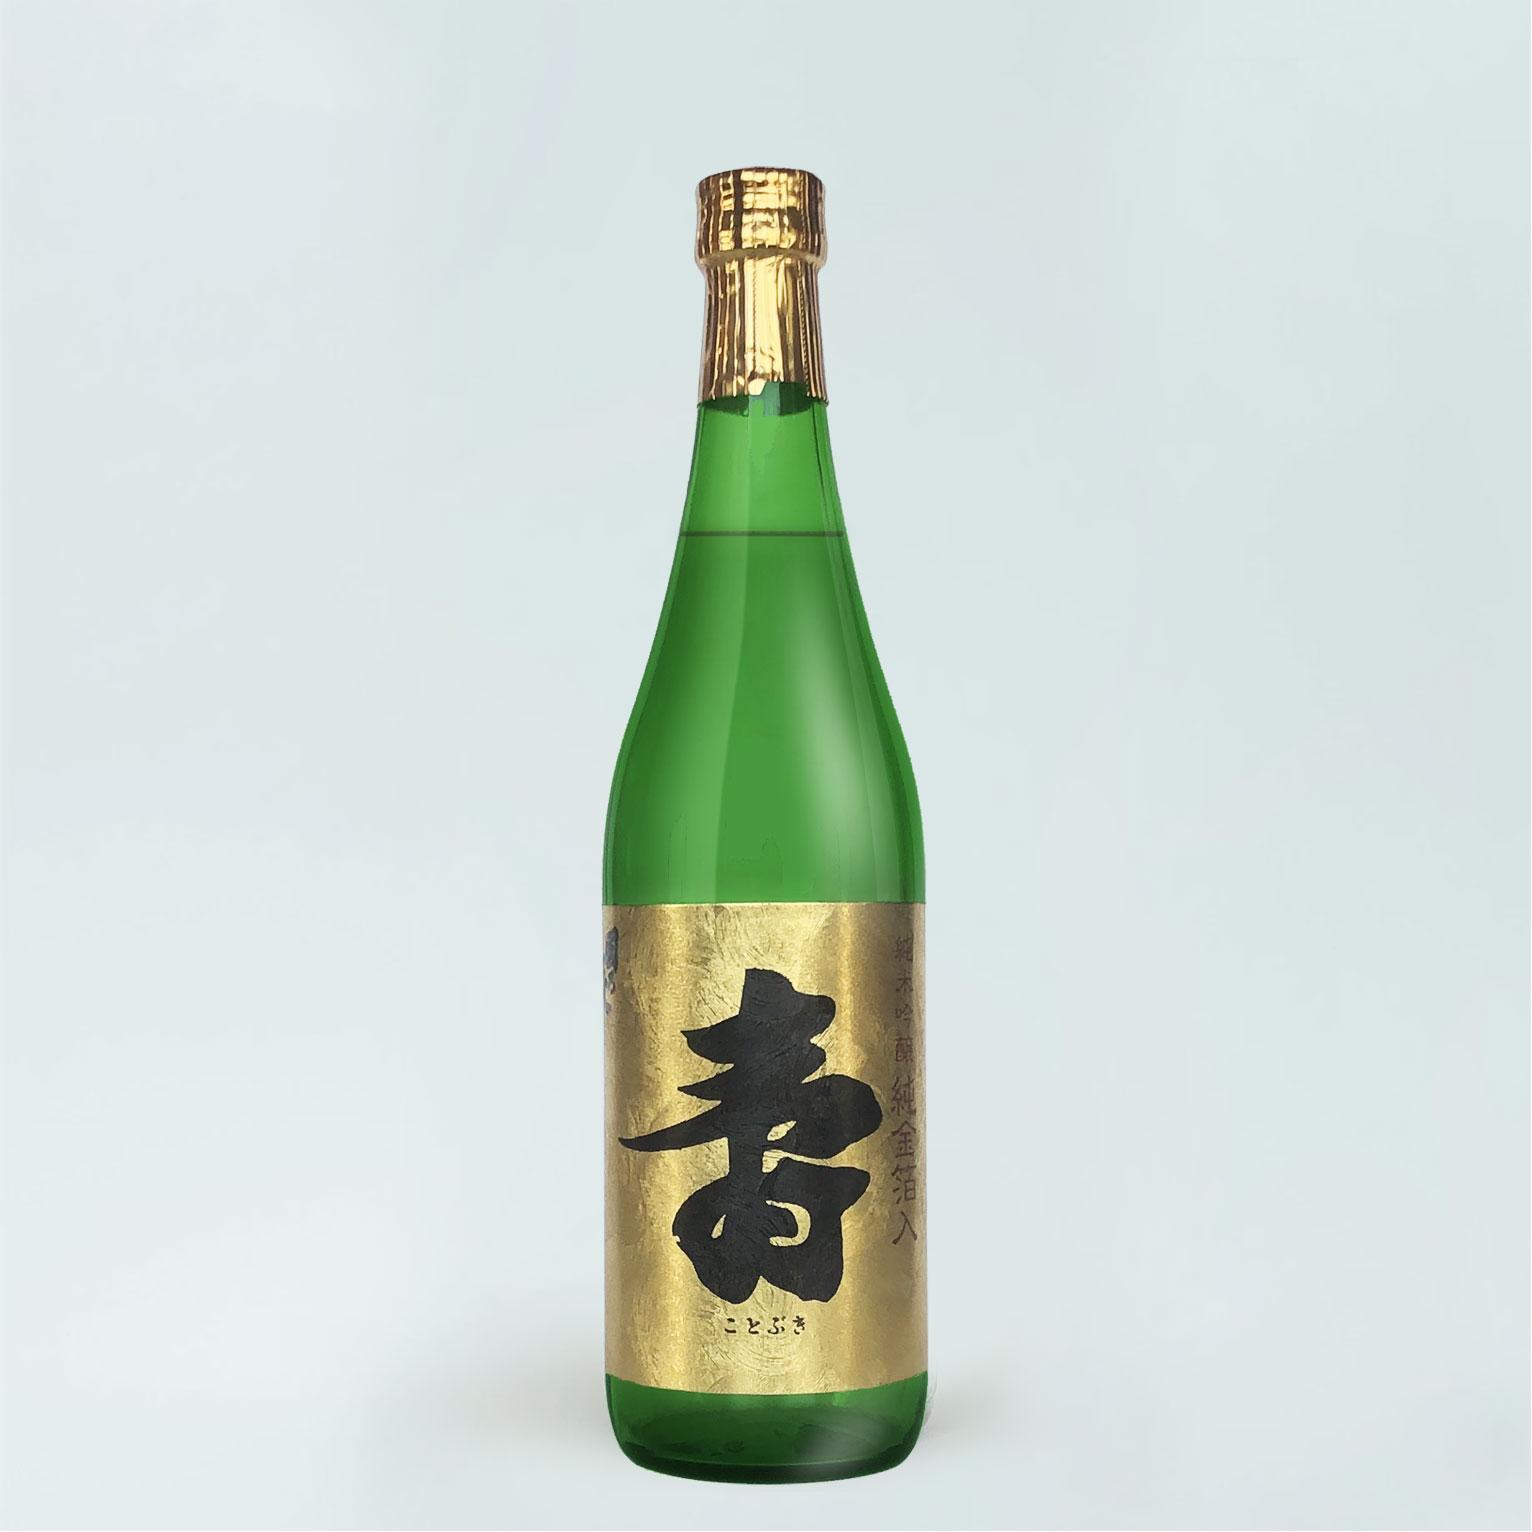 日本酒 國乃長 寿 純金箔入り 純米吟醸酒 720ml